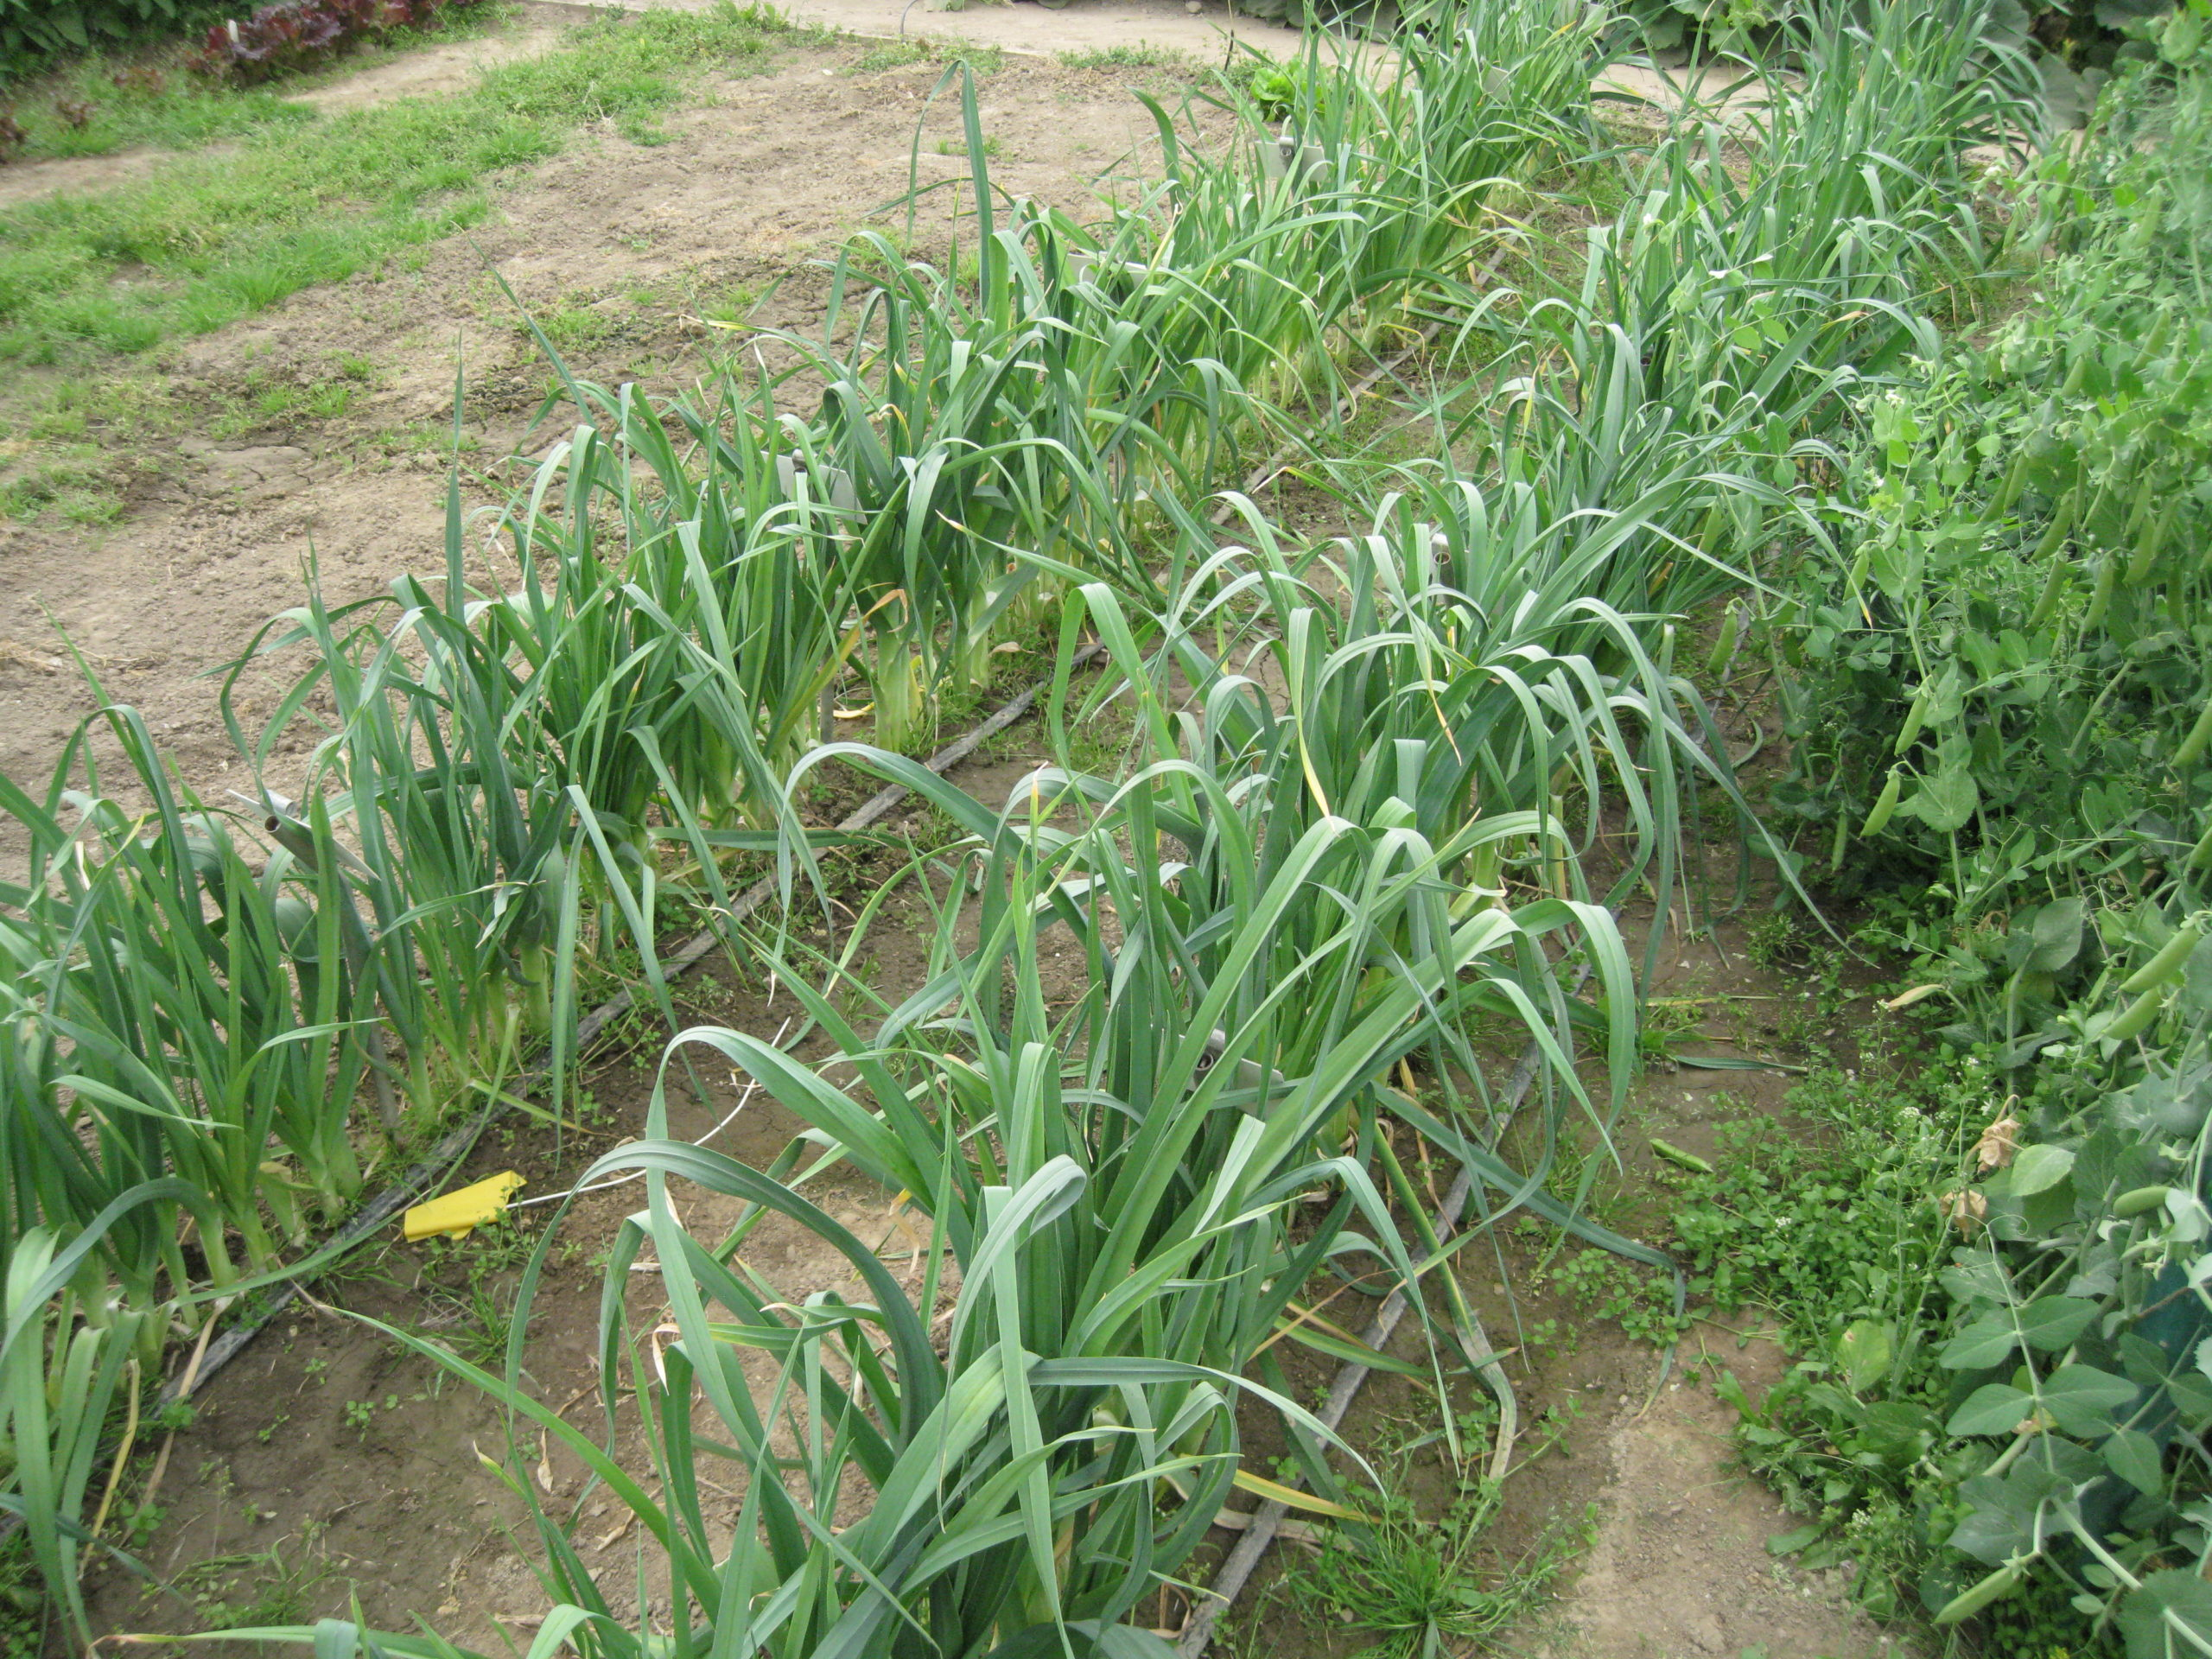 Leeks growing in rows.